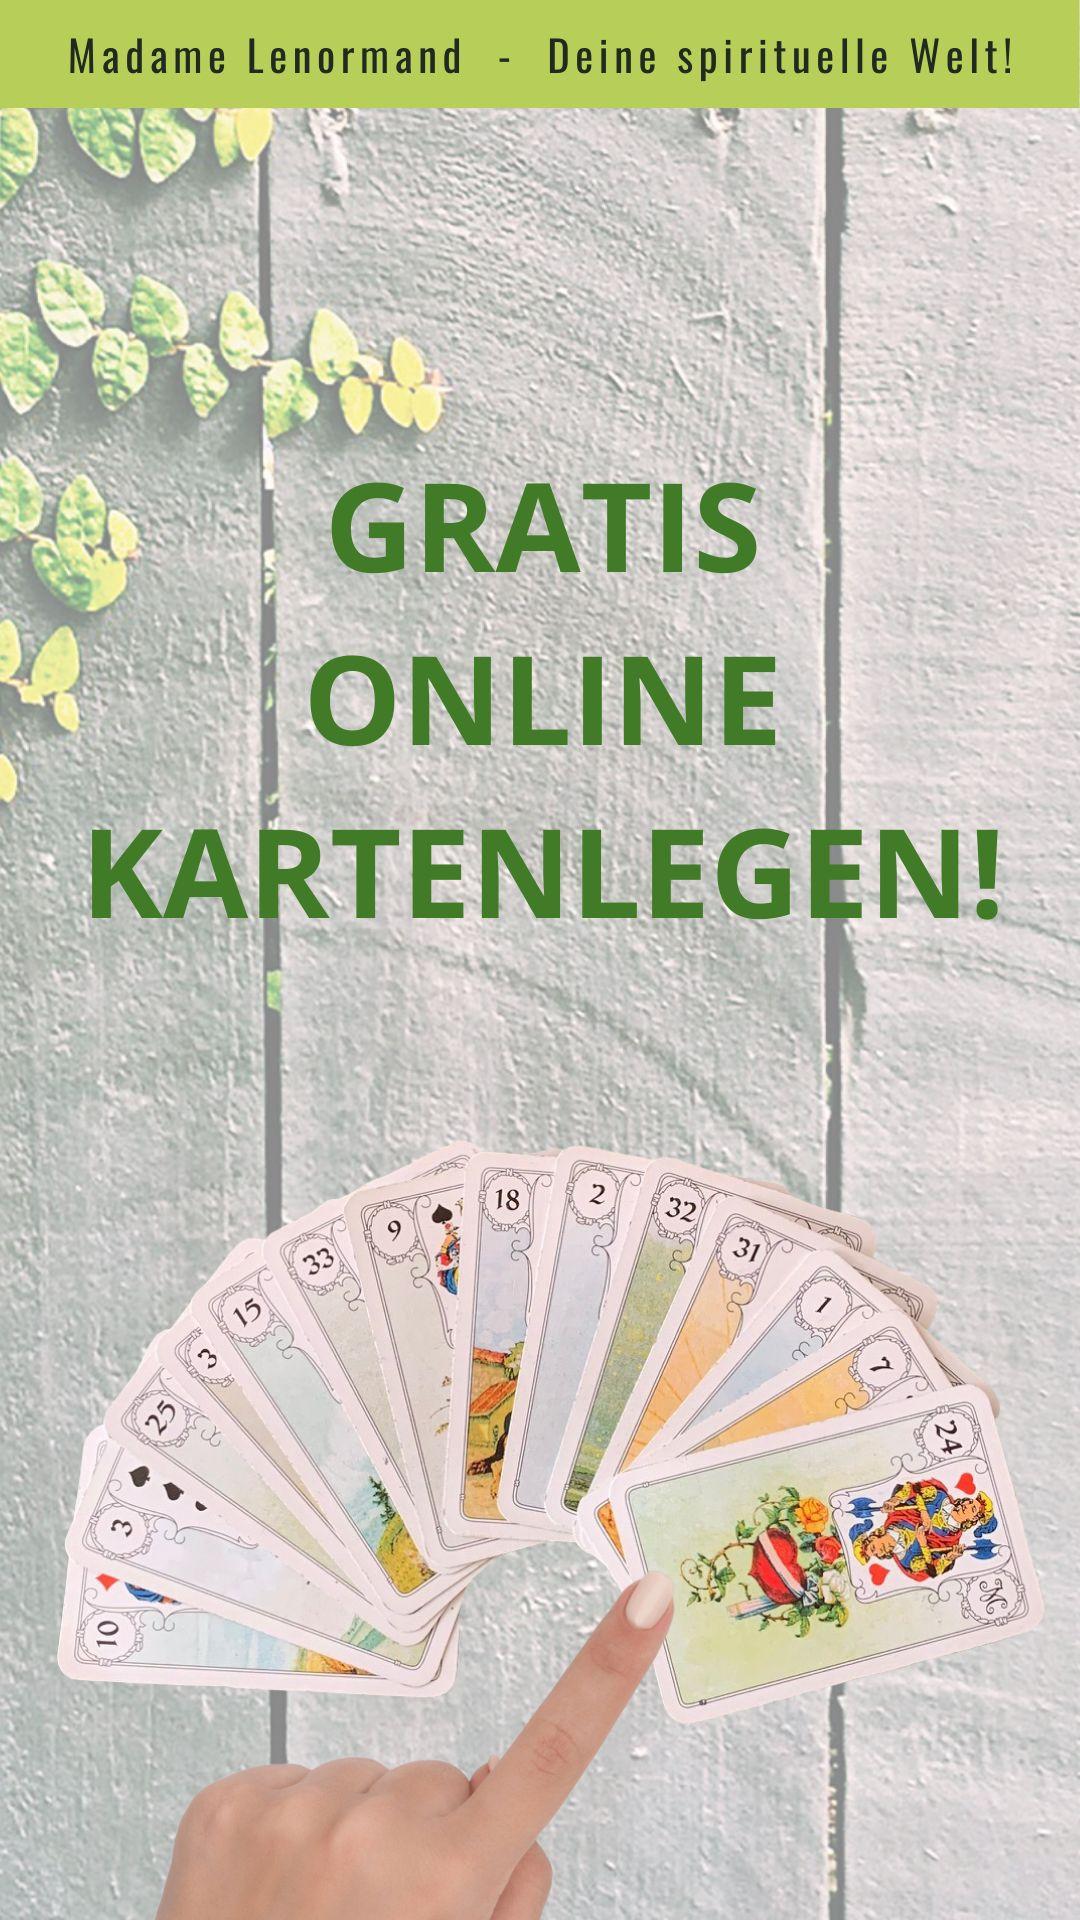 Gratis Kartenlegen | Karten legen, Kartenlegen online